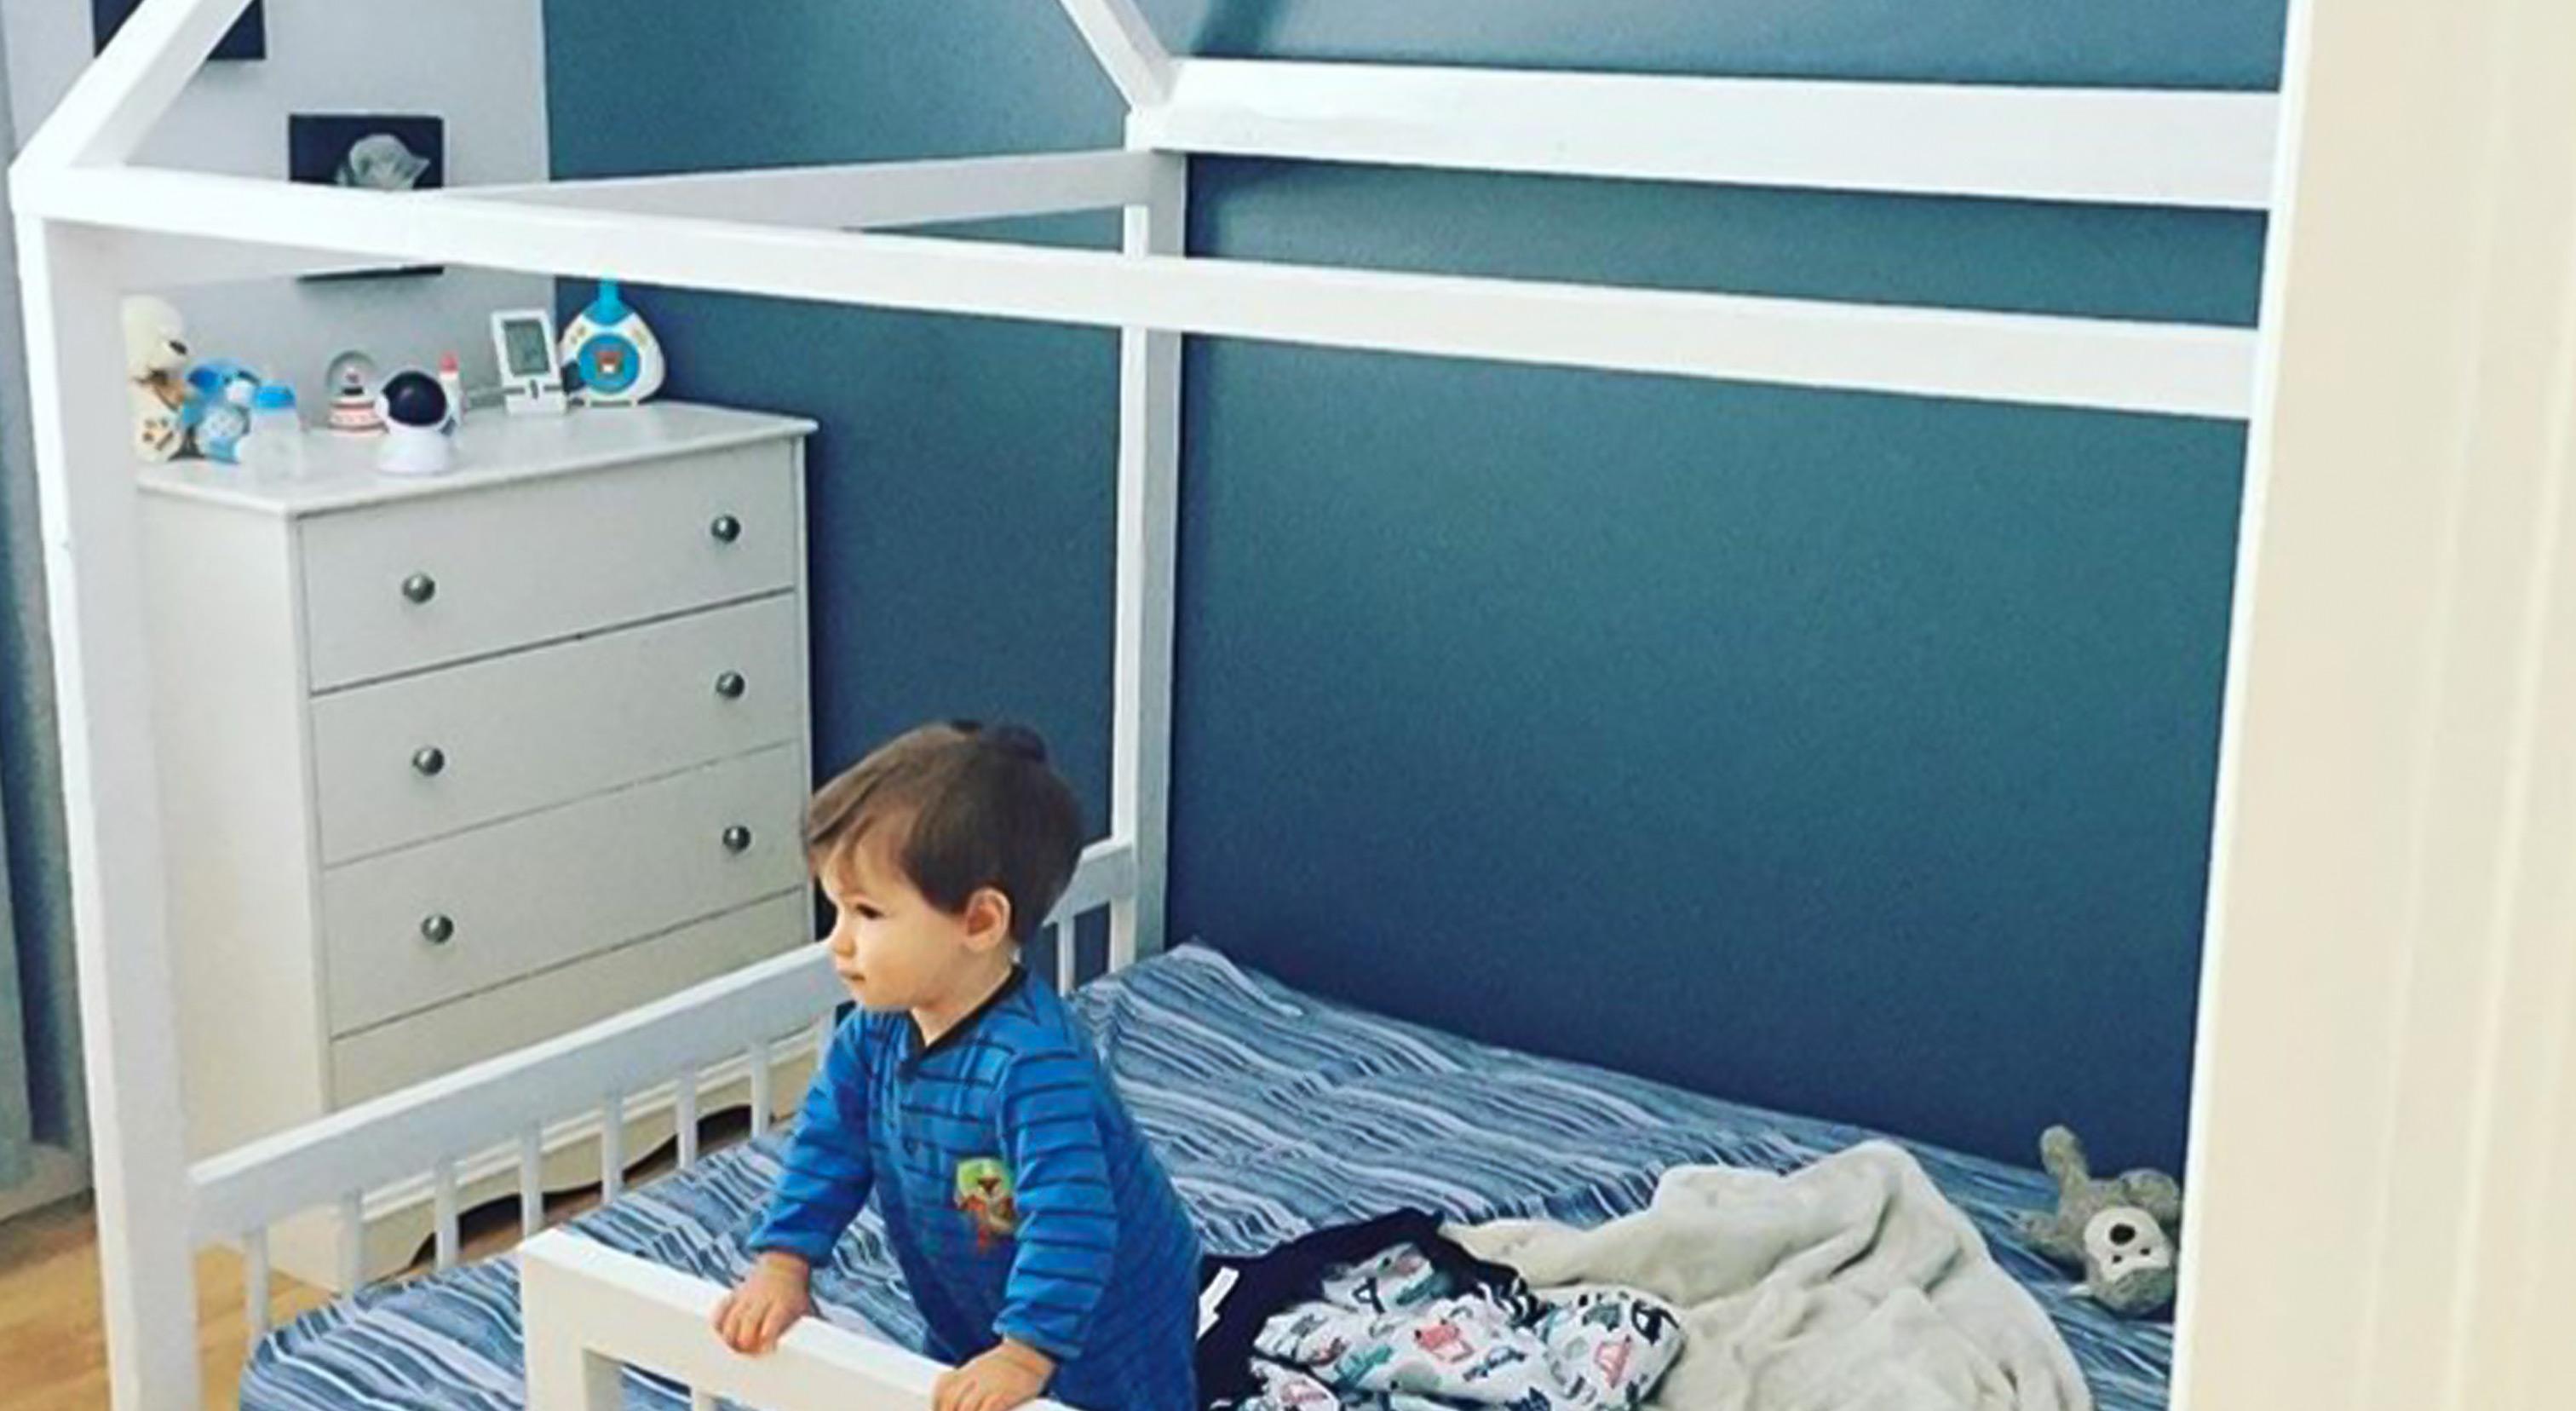 comment faire soi m me son lit montessori pour b b sparks and bloom. Black Bedroom Furniture Sets. Home Design Ideas